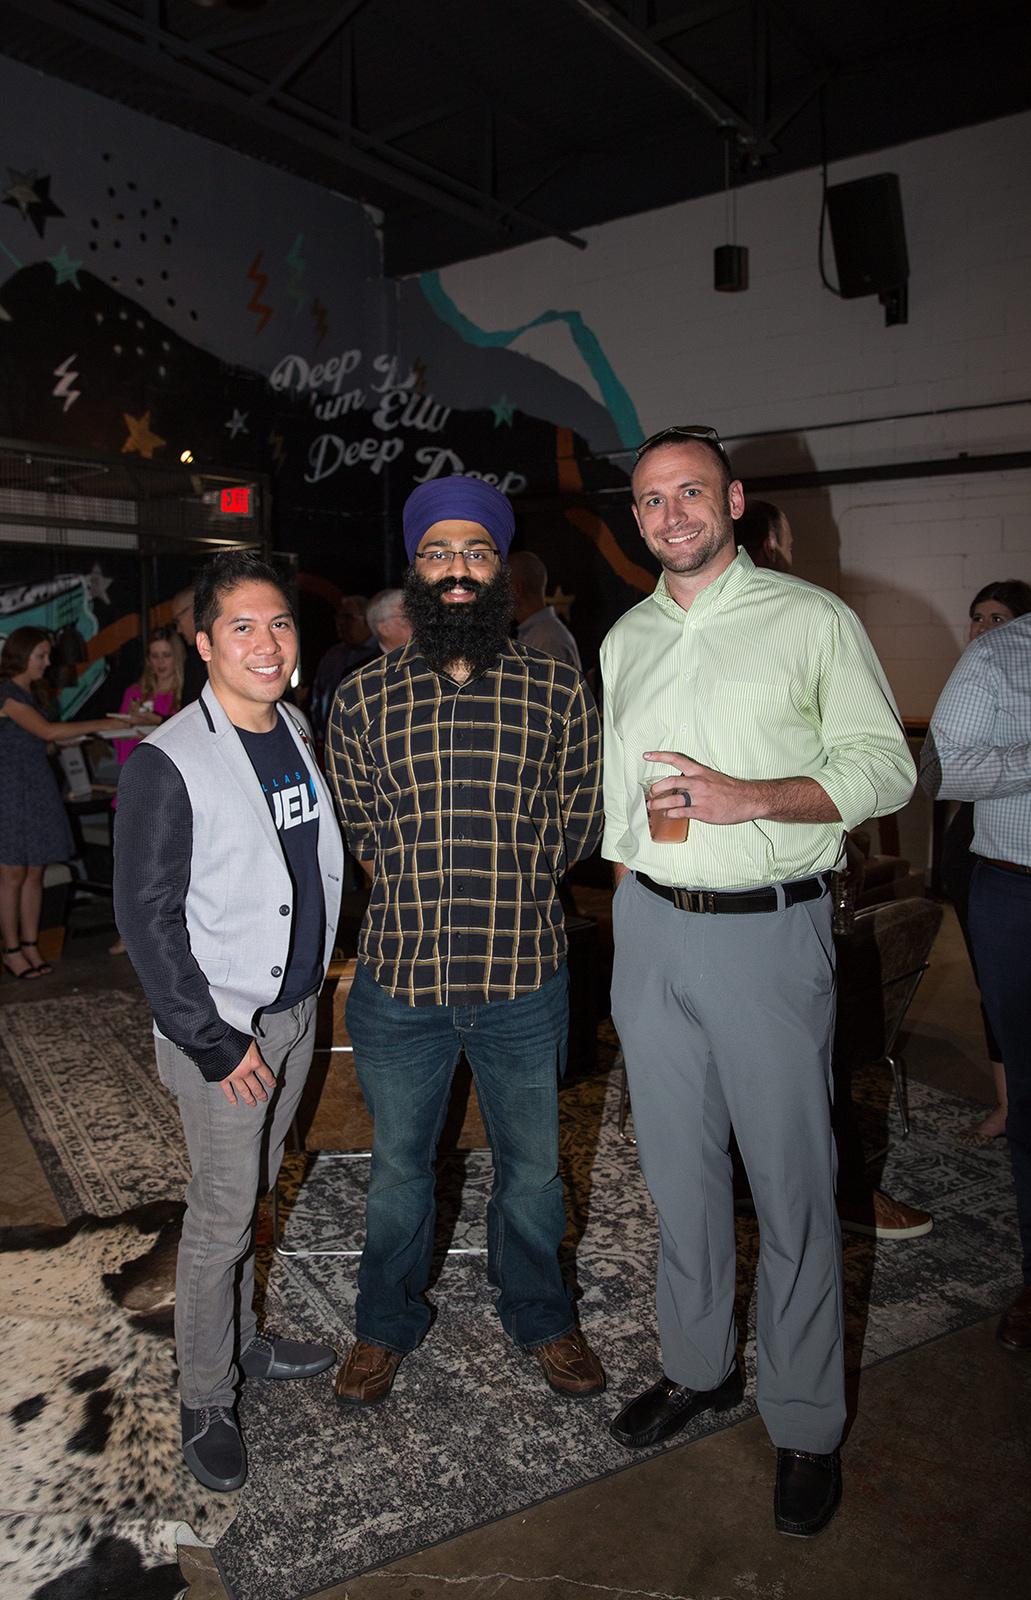 Justin Rojas, Deep Singh and Jon Pyle .jpg